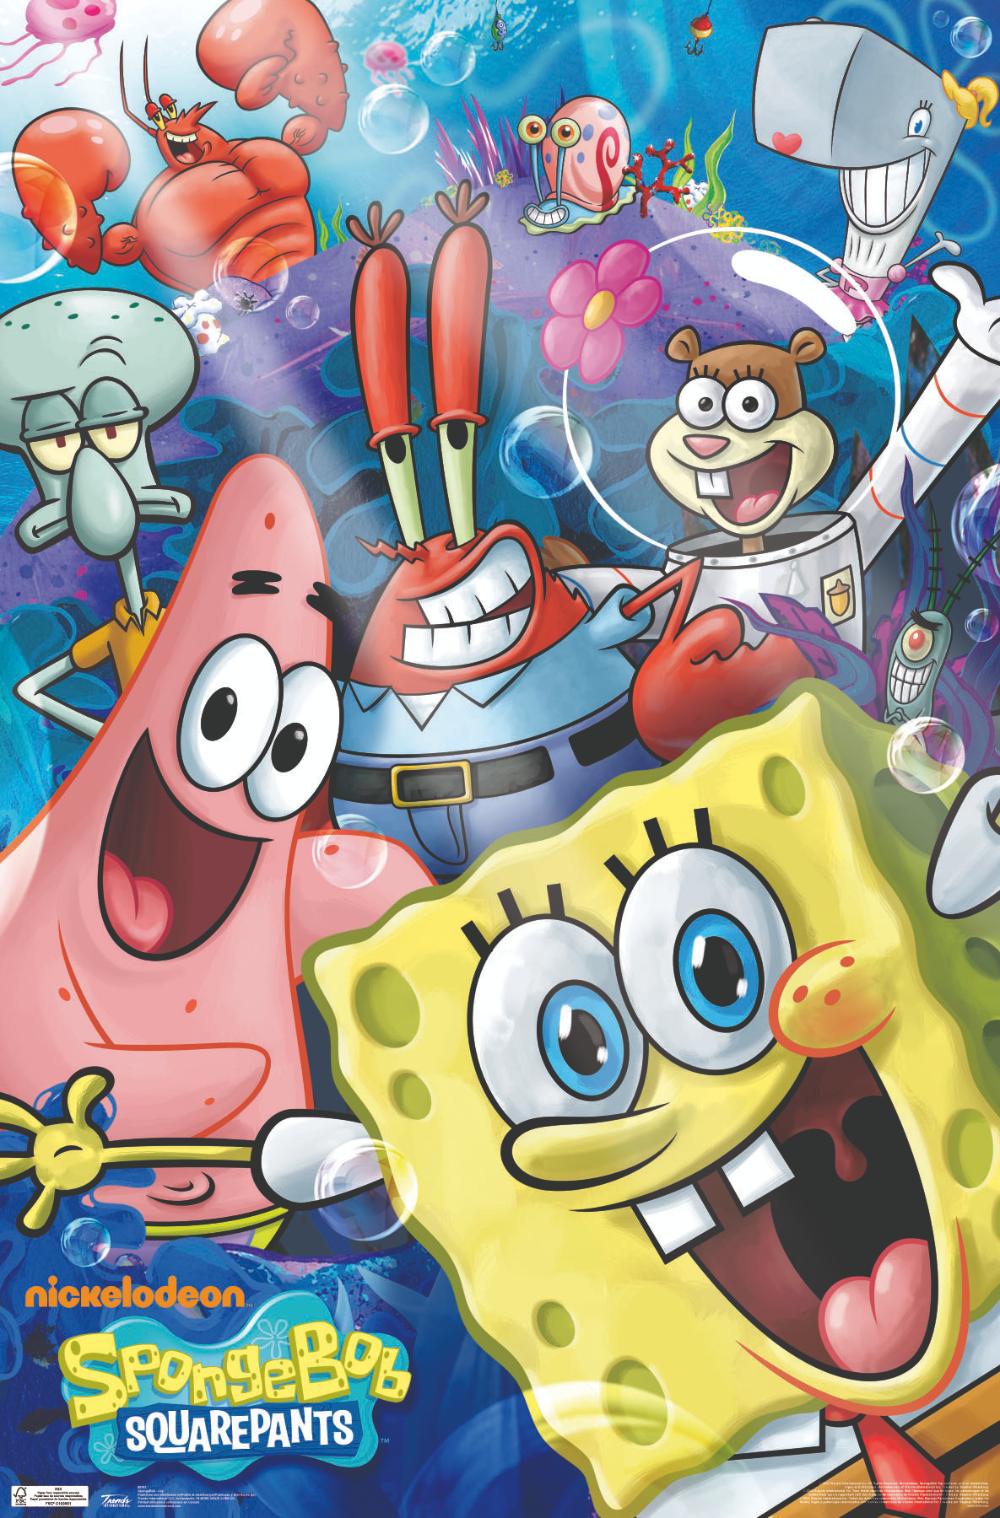 Spongebob SquarePants Poster - Cartoon POSTERS